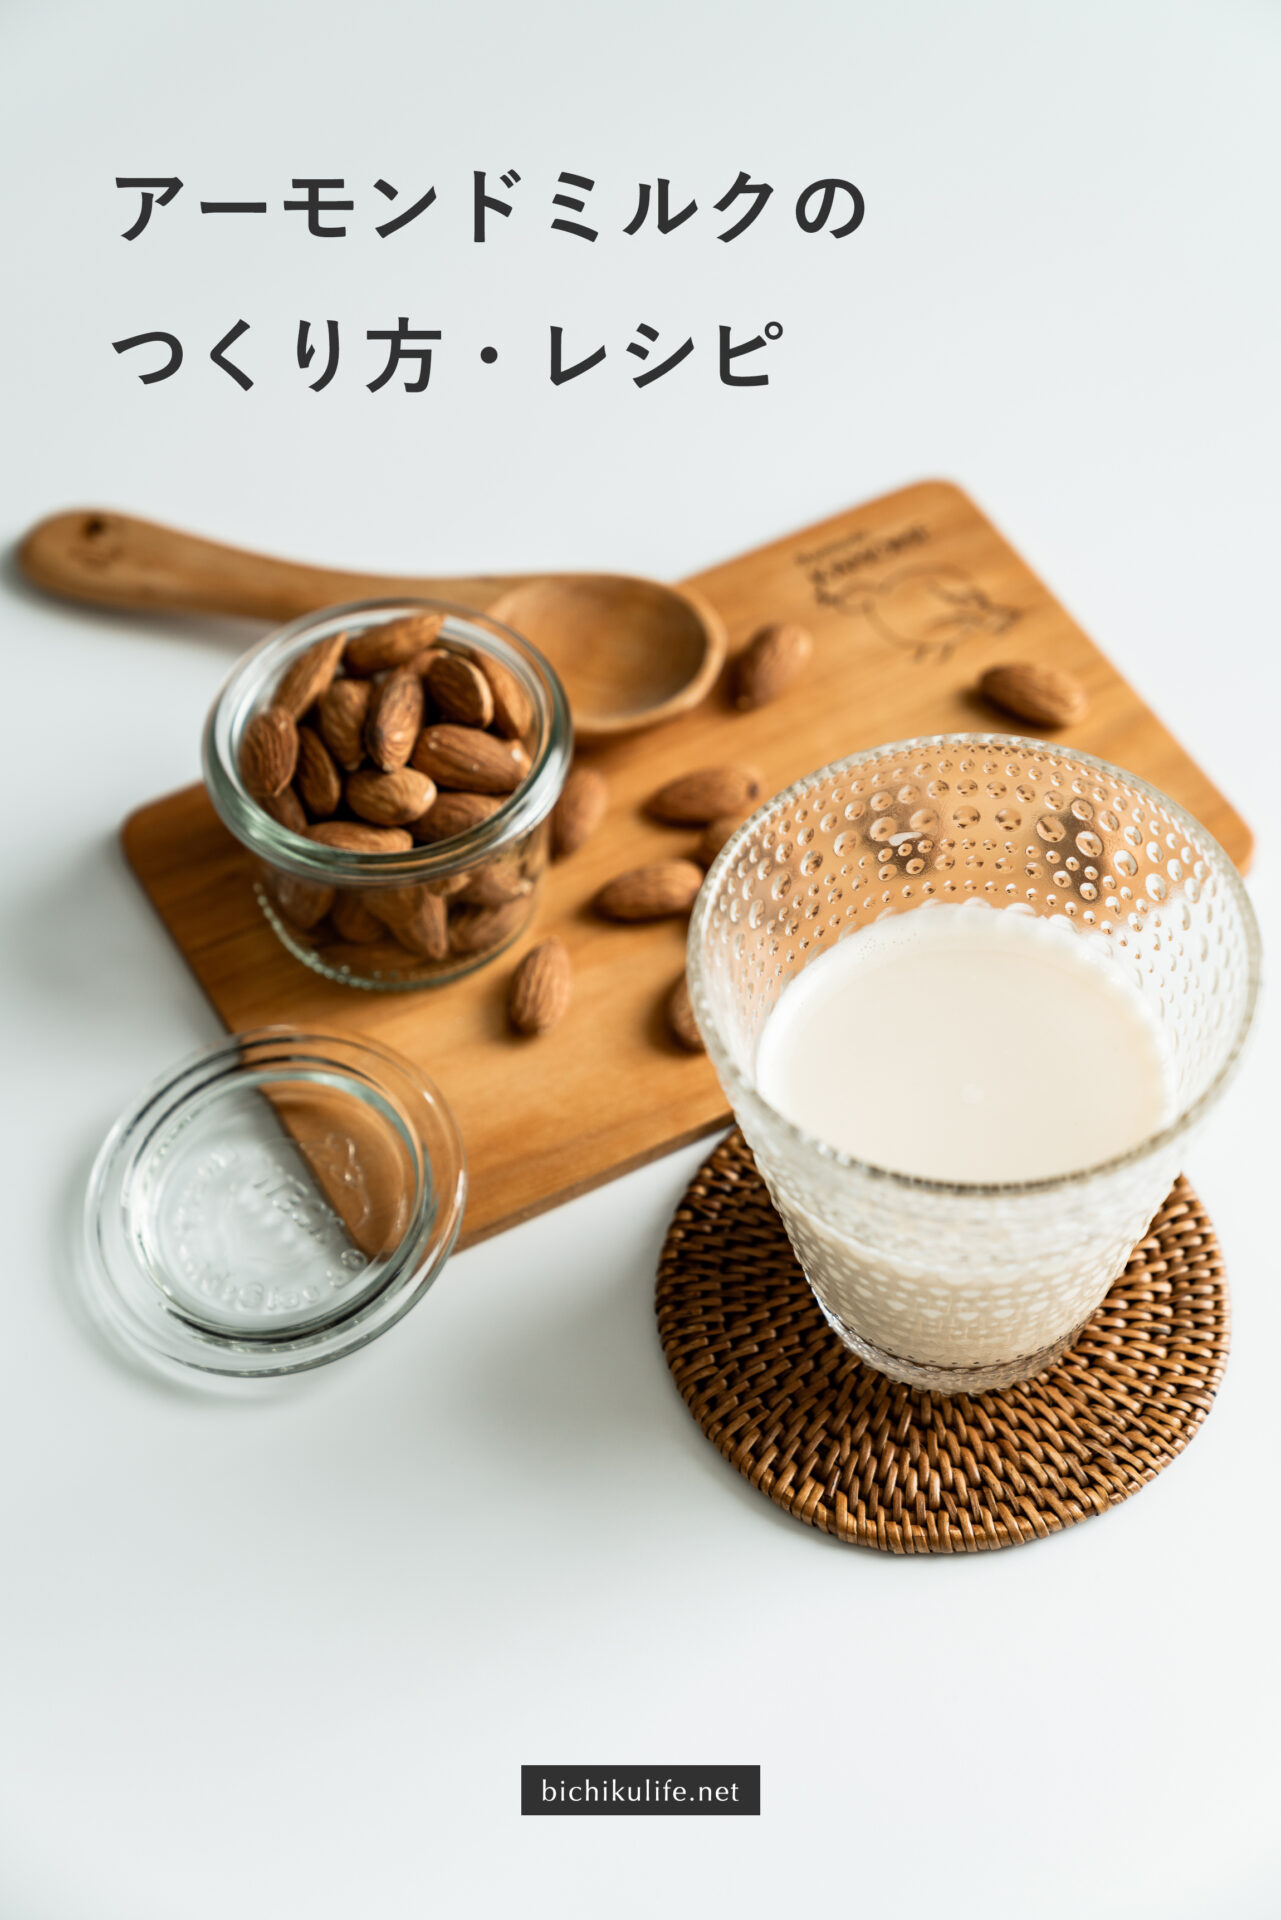 アーモンドミルクの作り方・レシピ